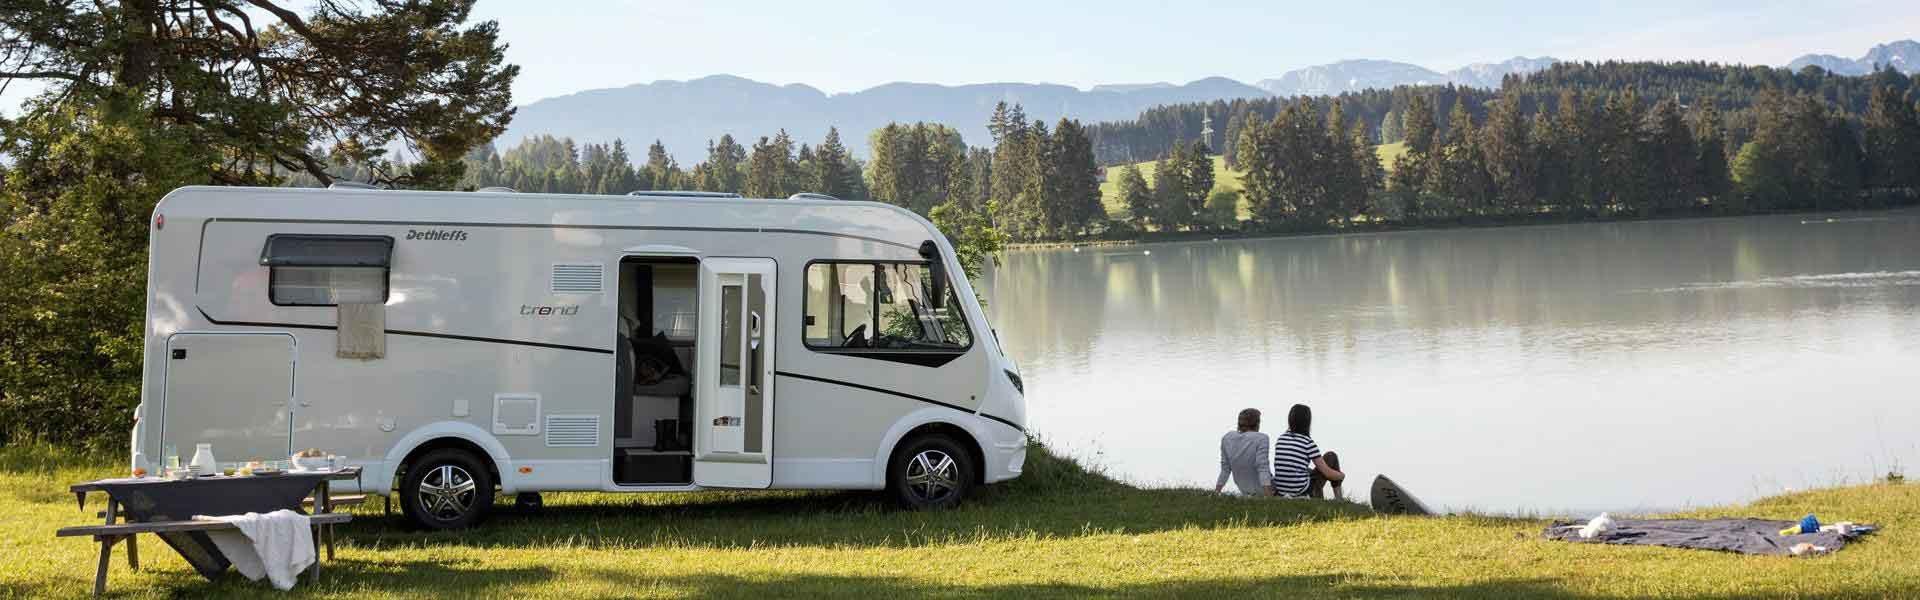 Maak een camperreis door Portugal met een camper van McRent